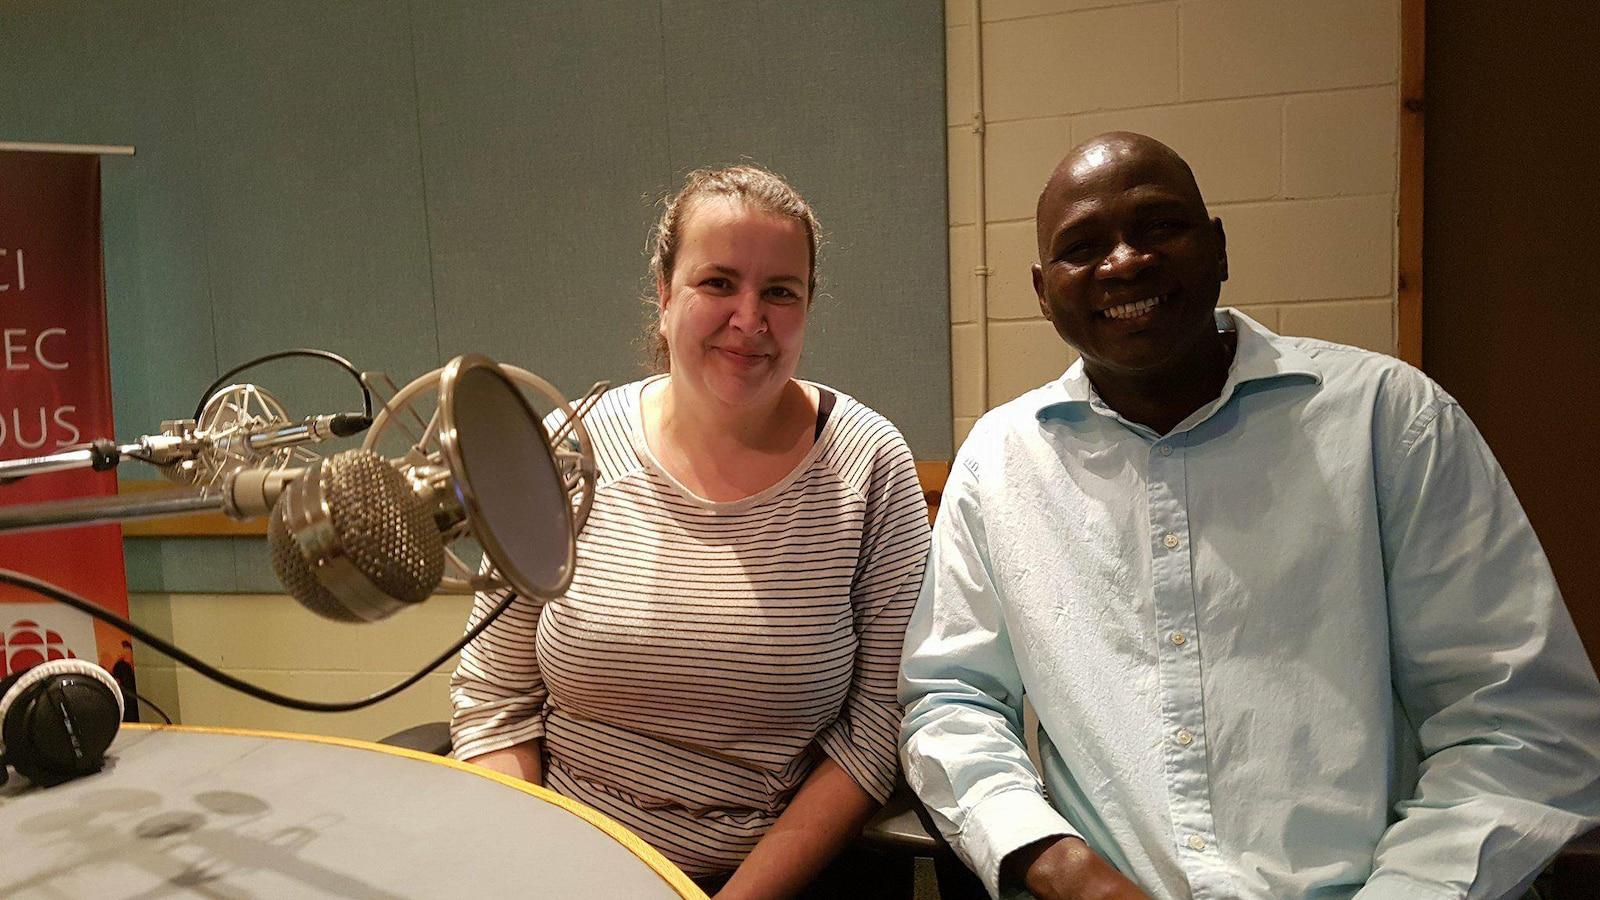 Bocar Diagana, président du regroupement Amicale interculturelle de Sept-Îles (AMIS), et Hélène Lejeune, vice-présidente du regroupement AMIS